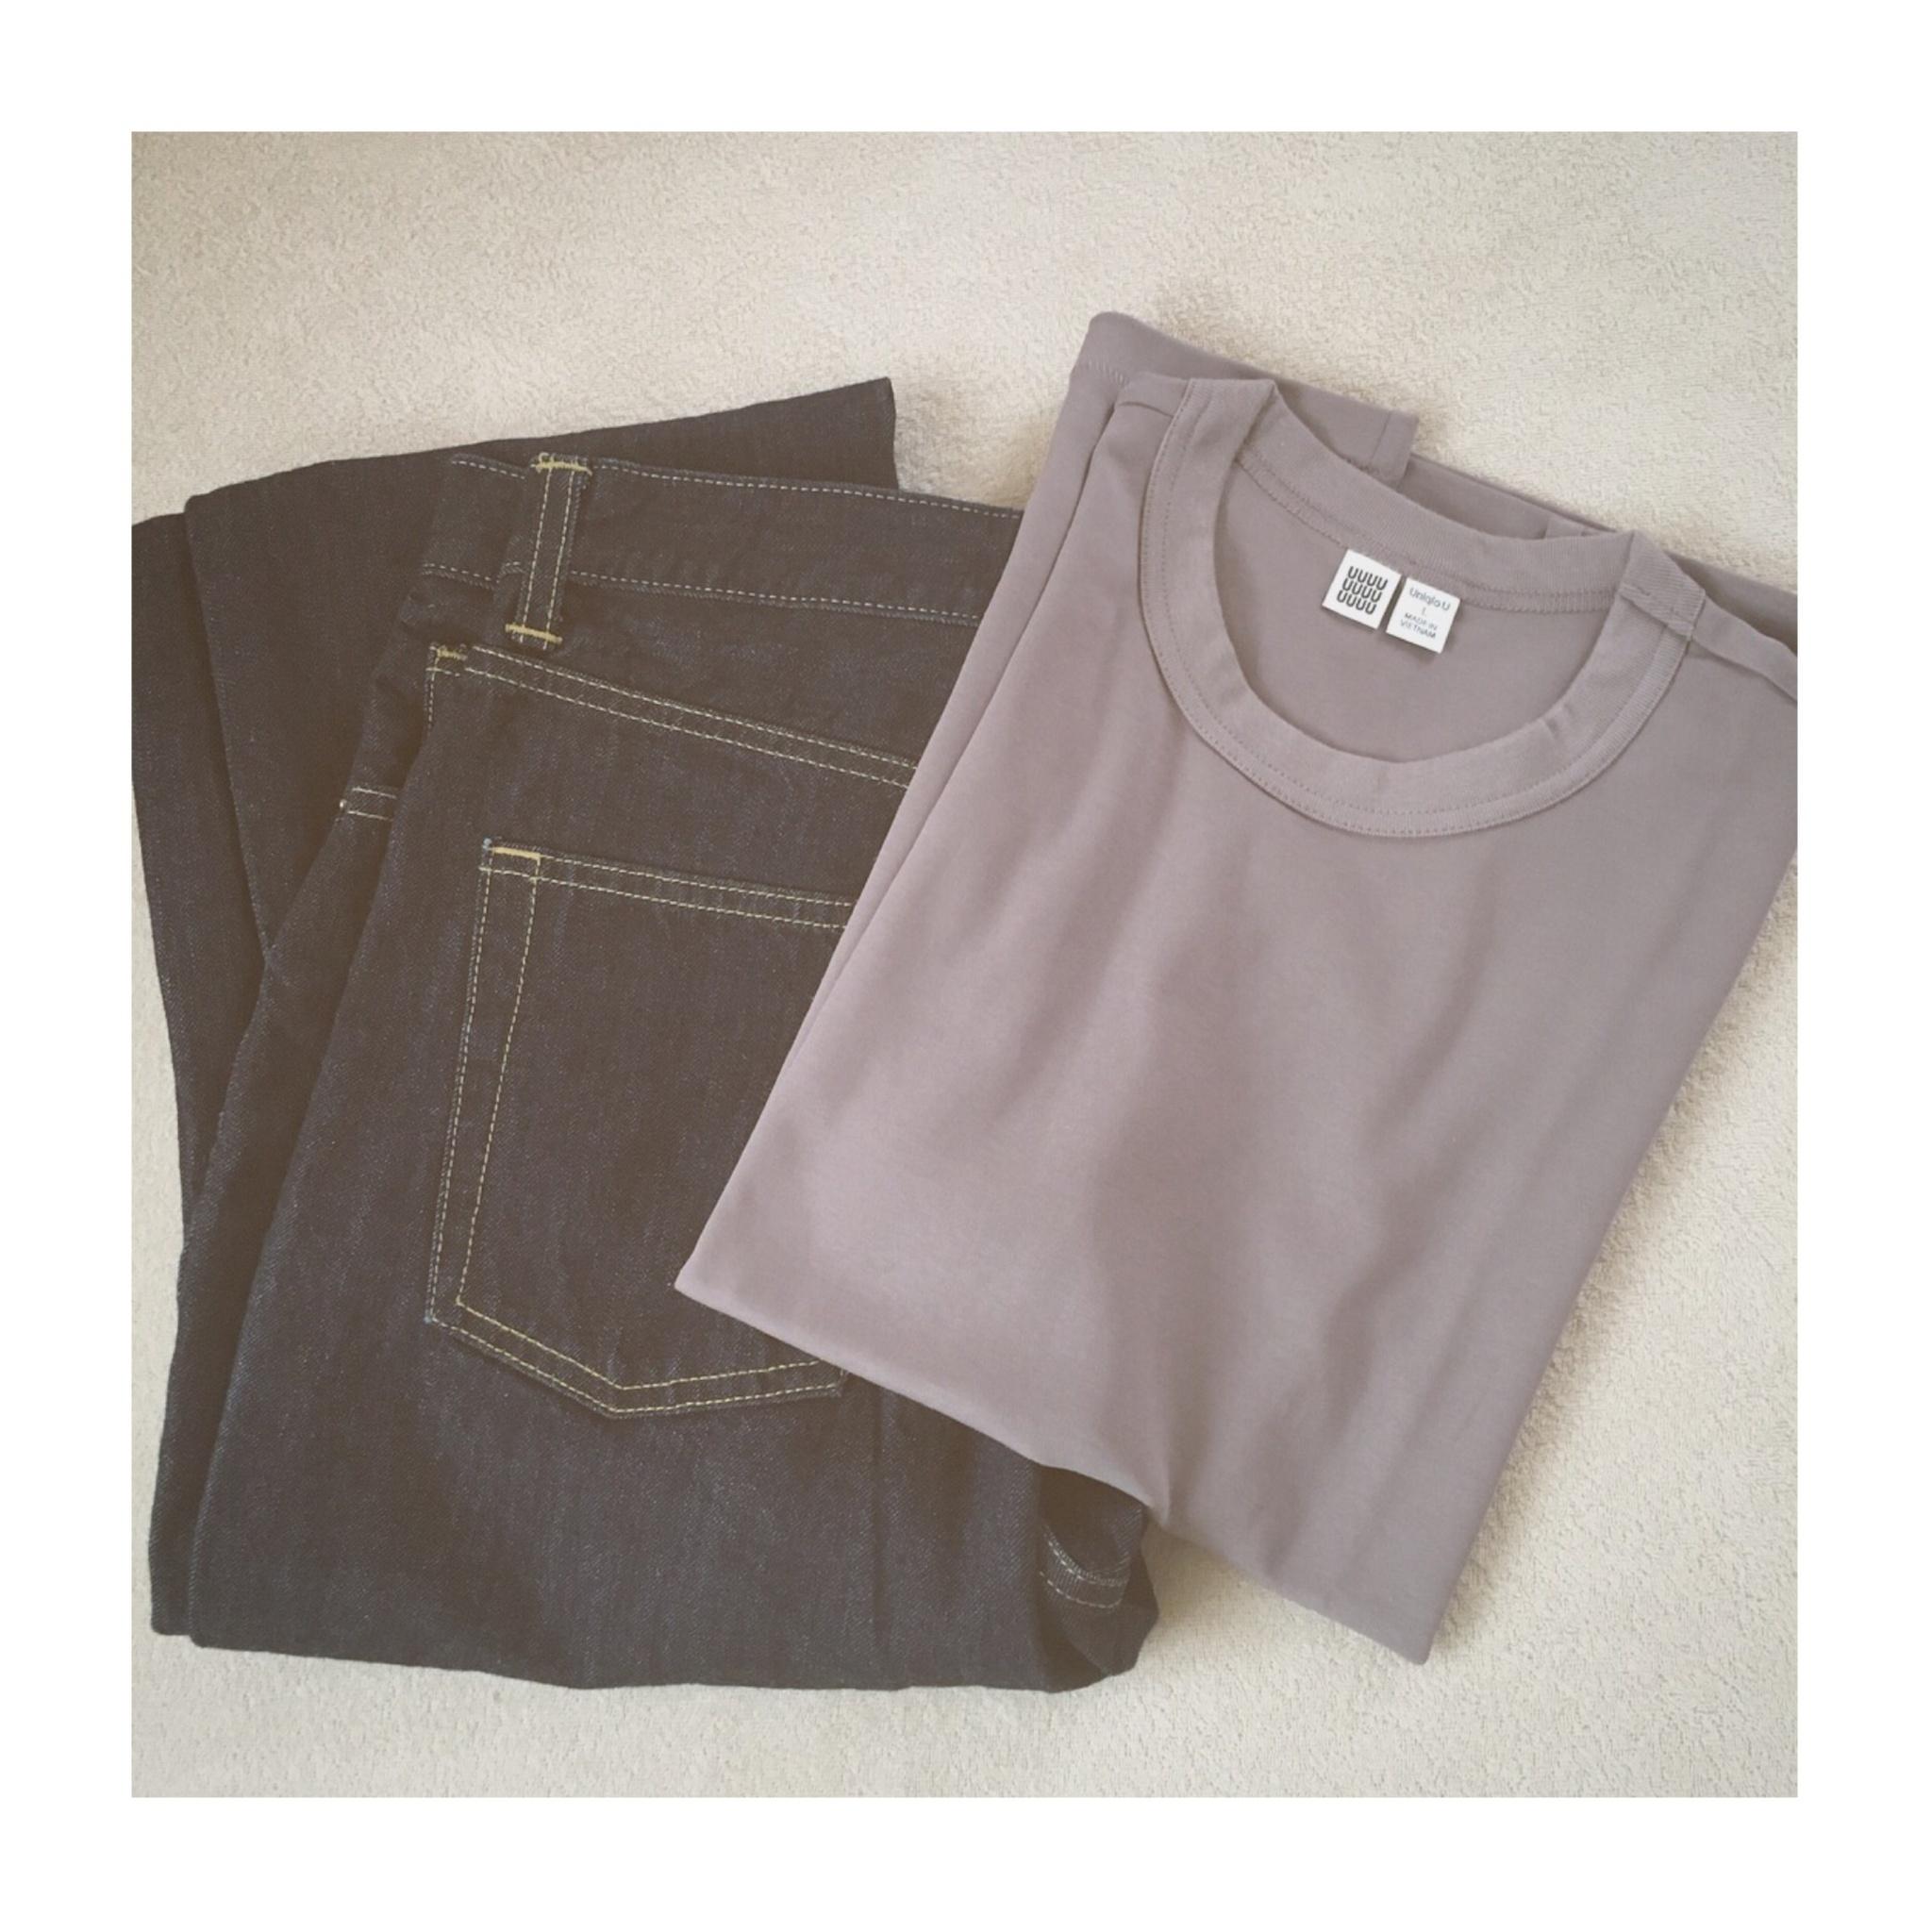 《まだまだ使える!》【Uniqlo U】の大人気¥1,000Tシャツ、いま買い足すなら秋カラーがおすすめ❤️_2